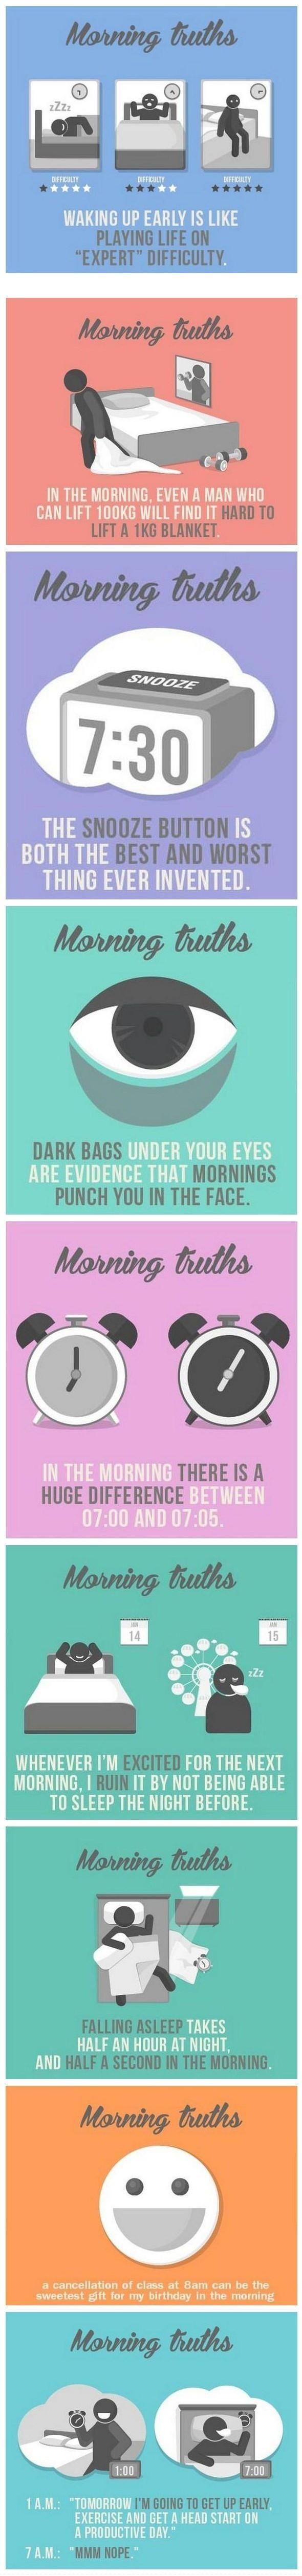 Hahahaha so true!!